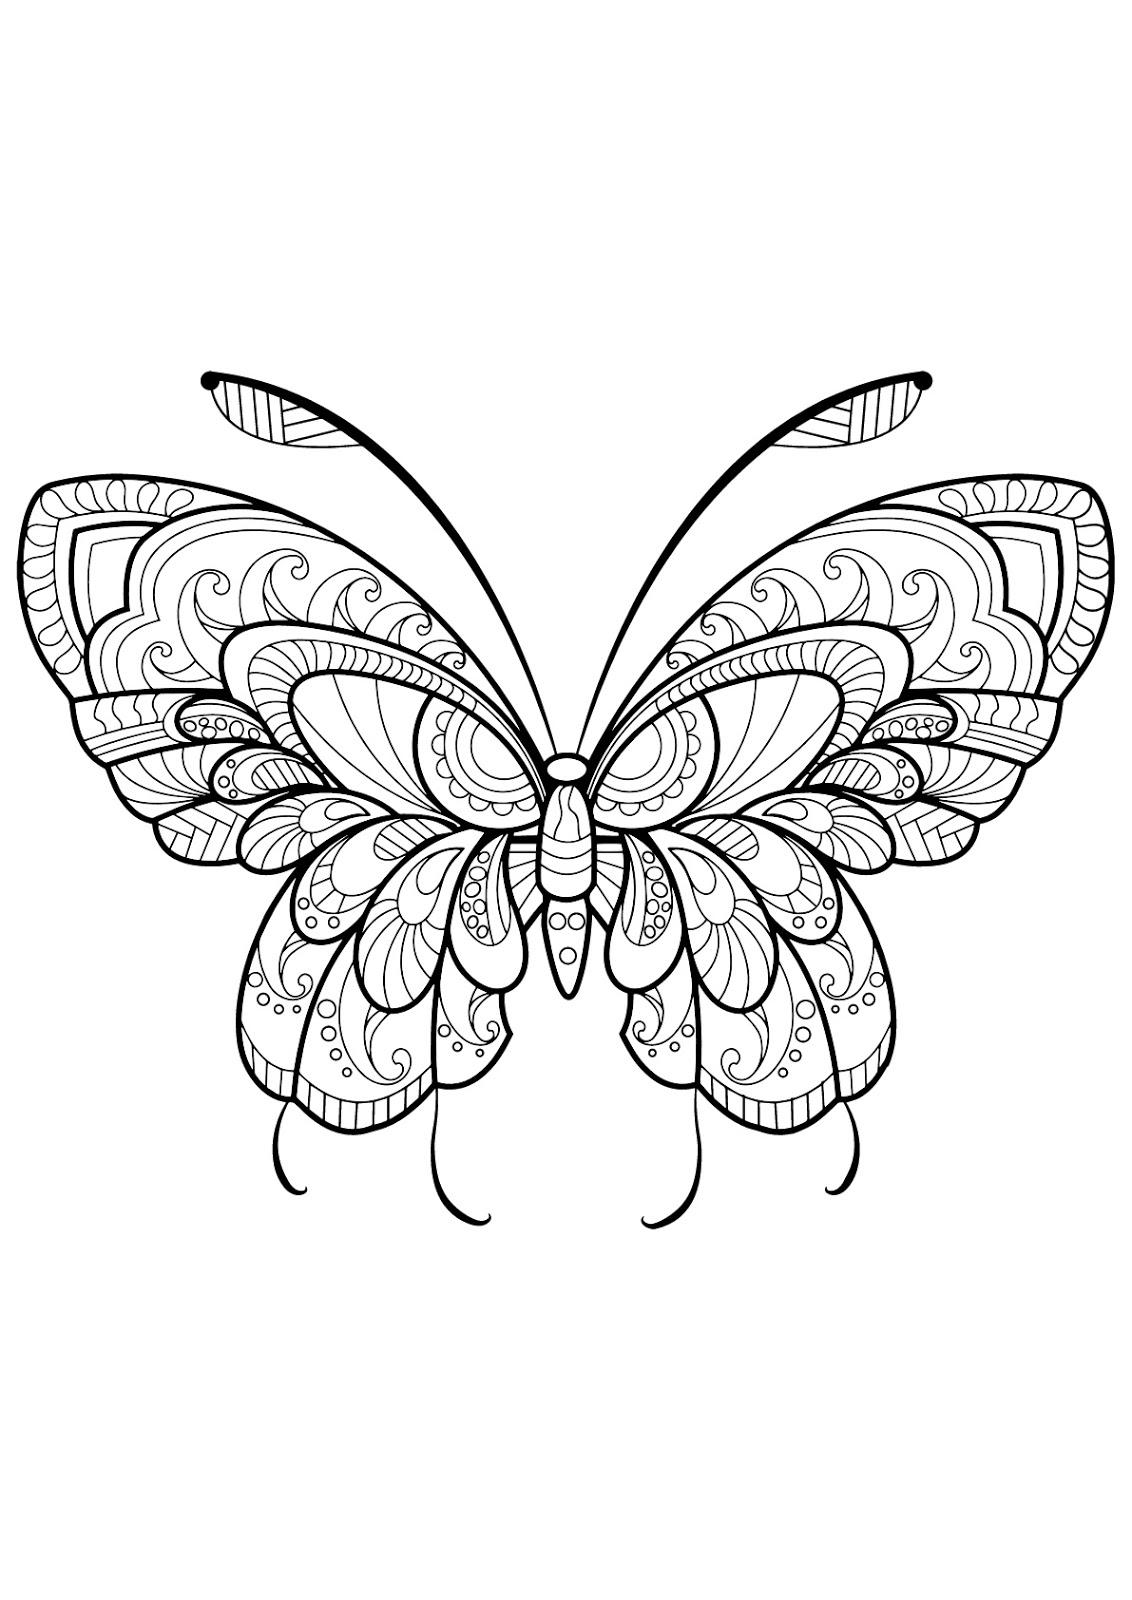 Tranh tô màu con bướm cách điệu 6